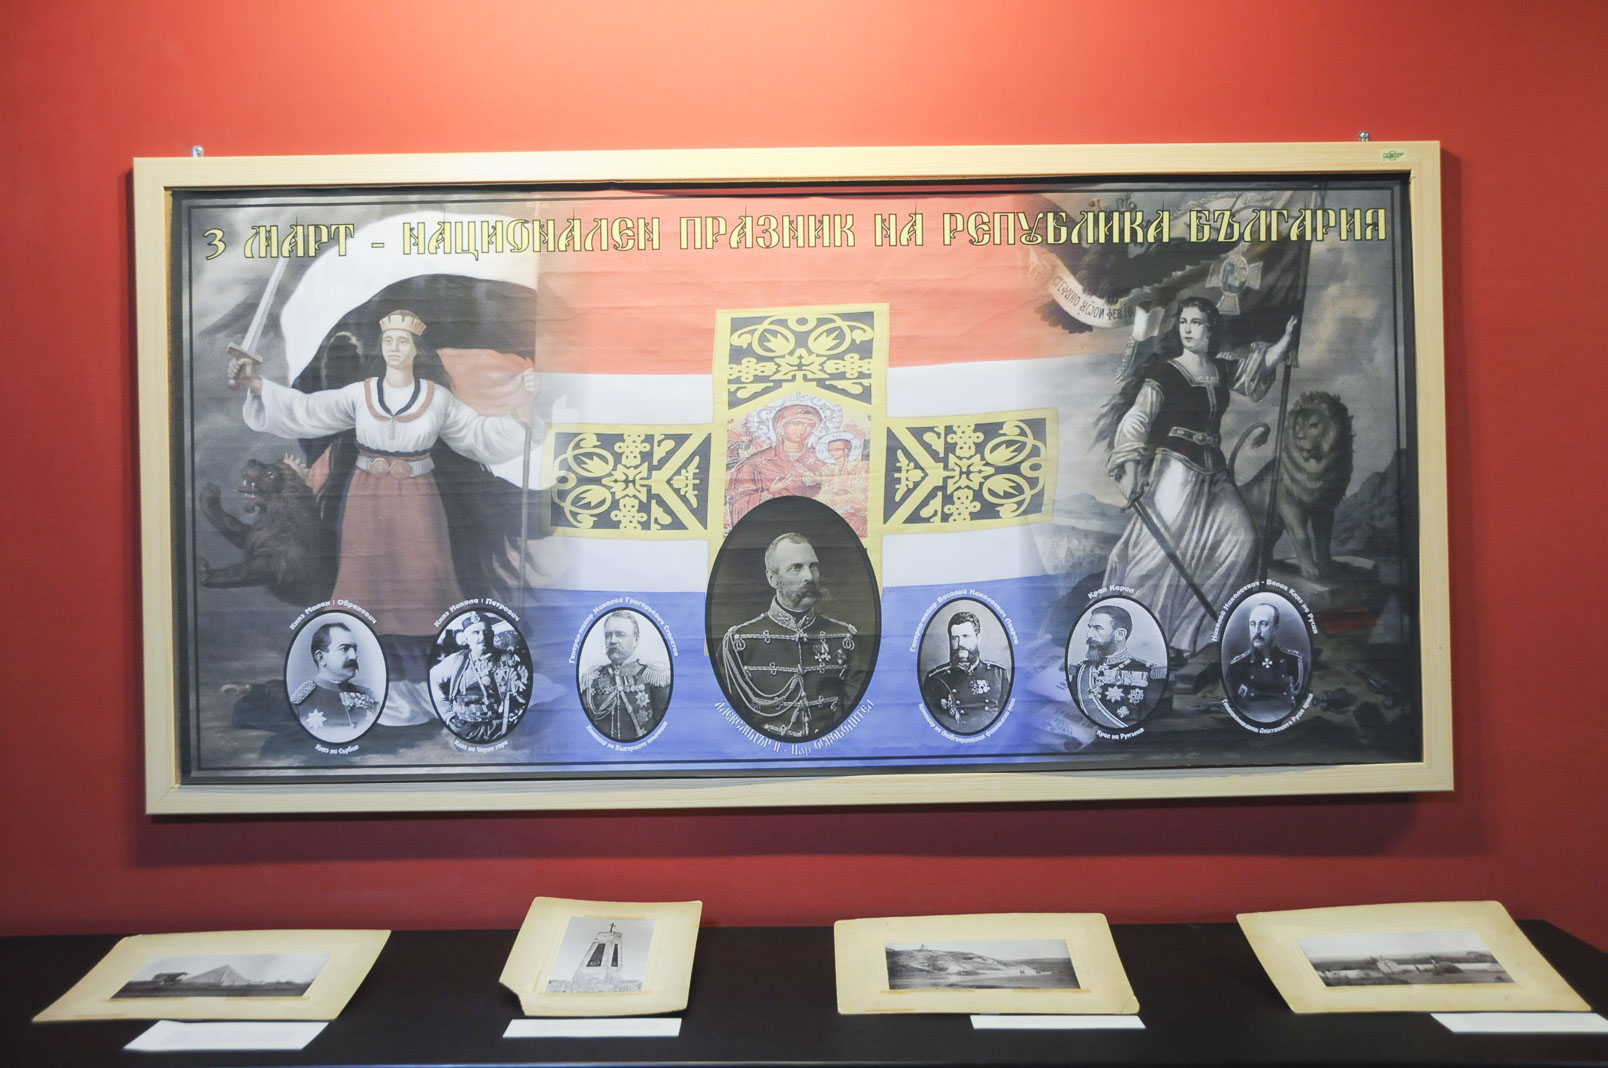 troyan-museum-osvobozhdenieto-3ti-mart-24